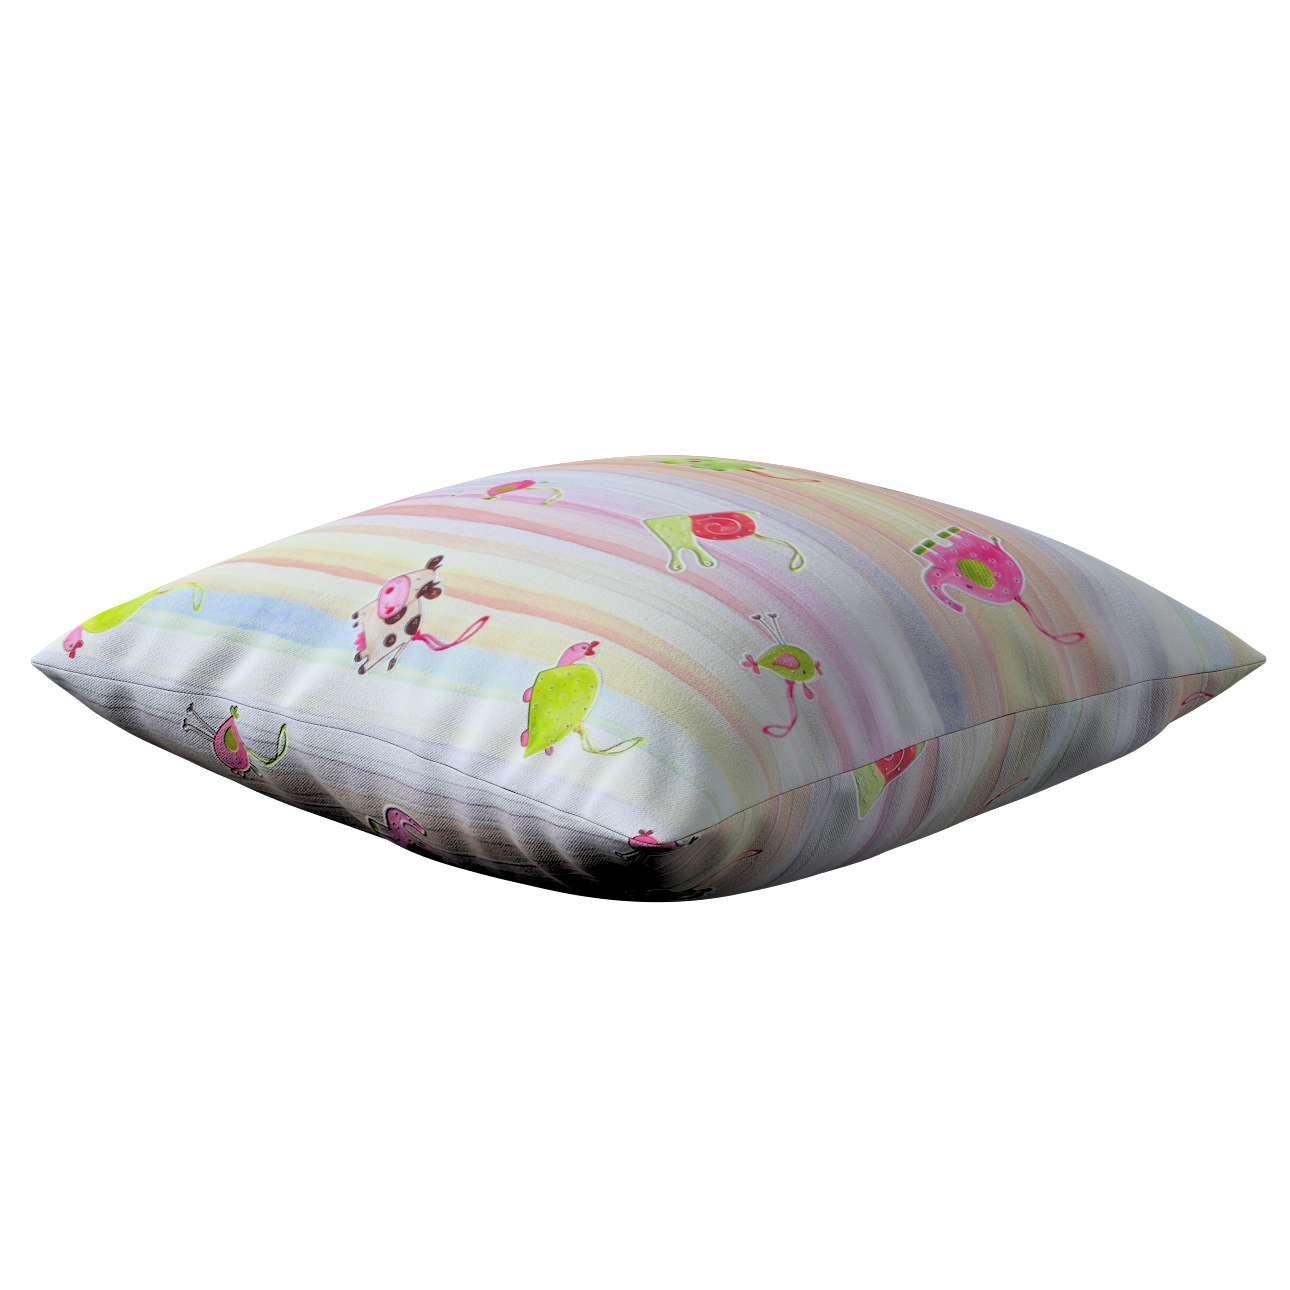 Kinga dekoratyvinės pagalvėlės užvalkalas 43 x 43 cm kolekcijoje Apanona, audinys: 151-05